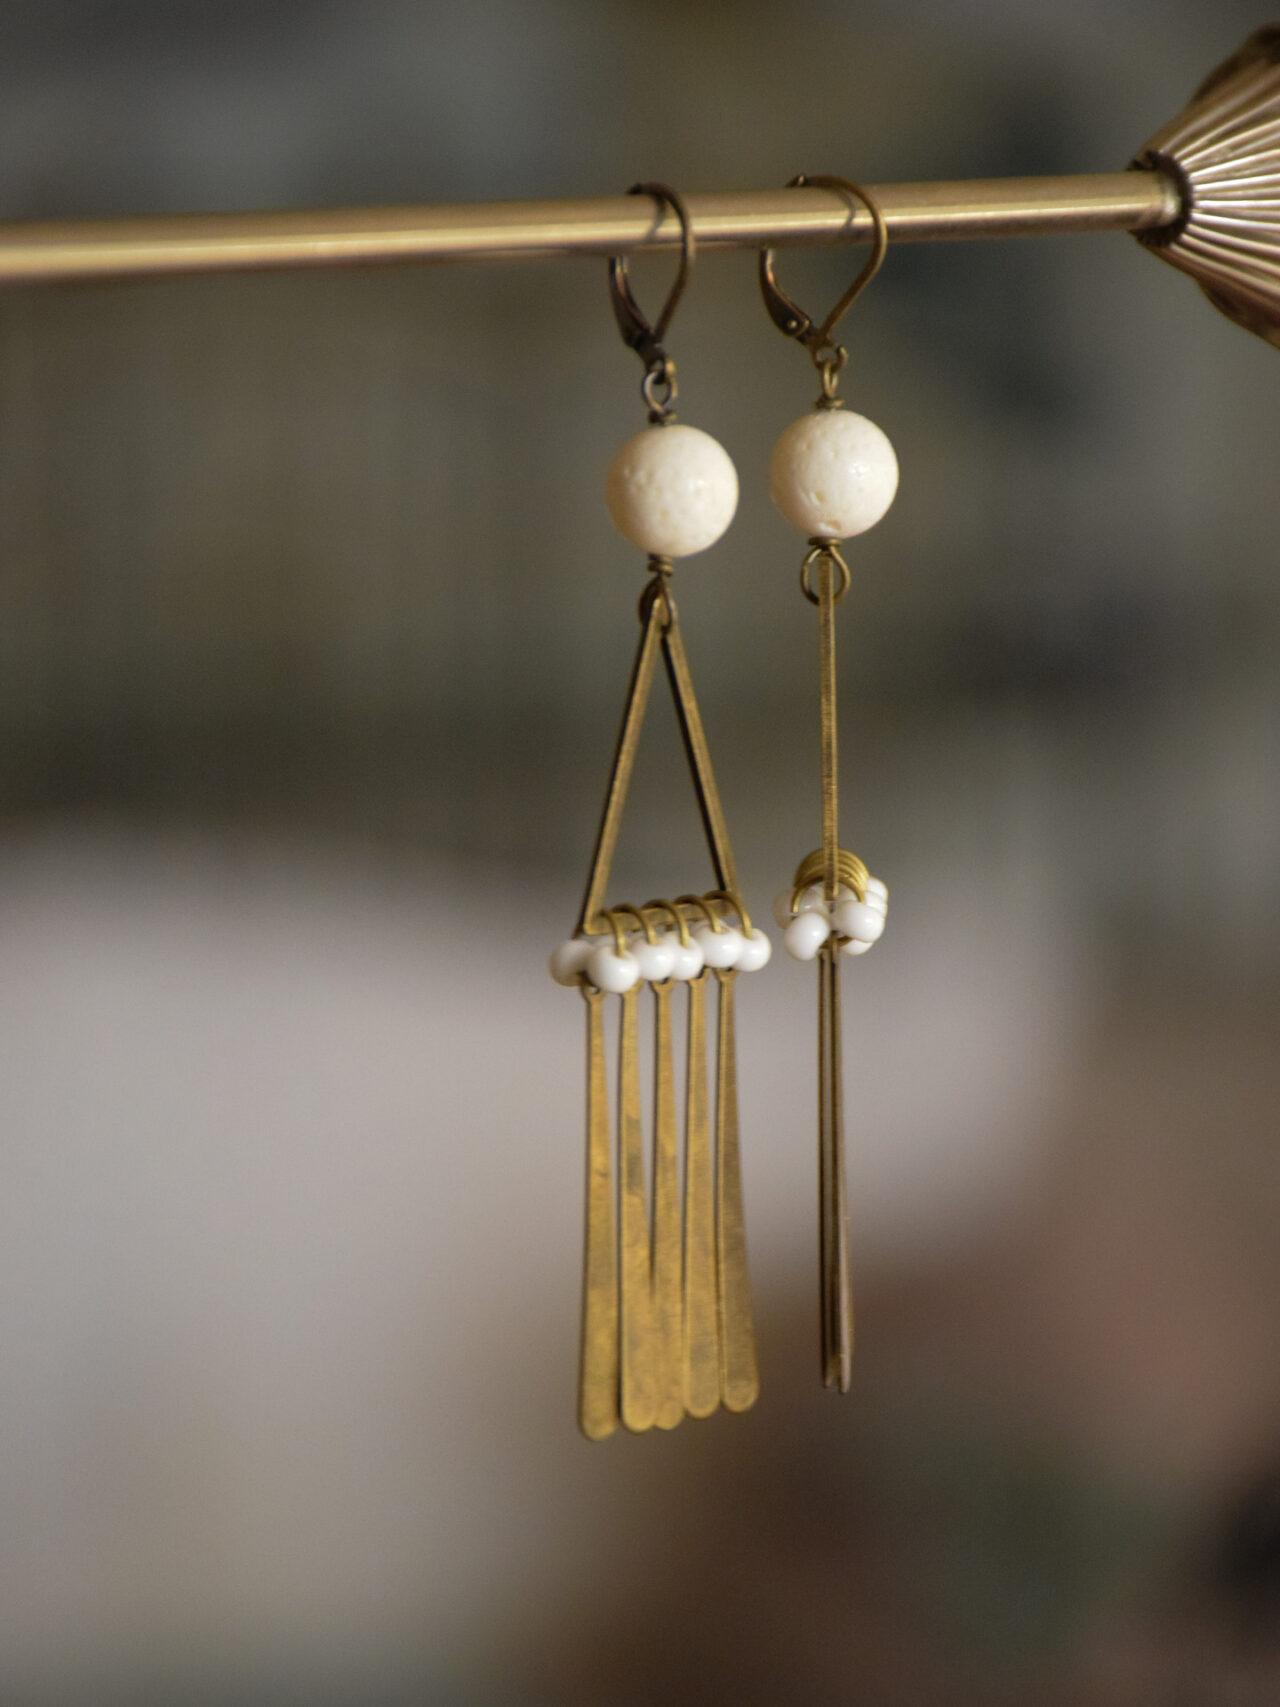 boucles-d-oreilles-penelope-creation-de-bijoux-par-les-delires-de-lolotte